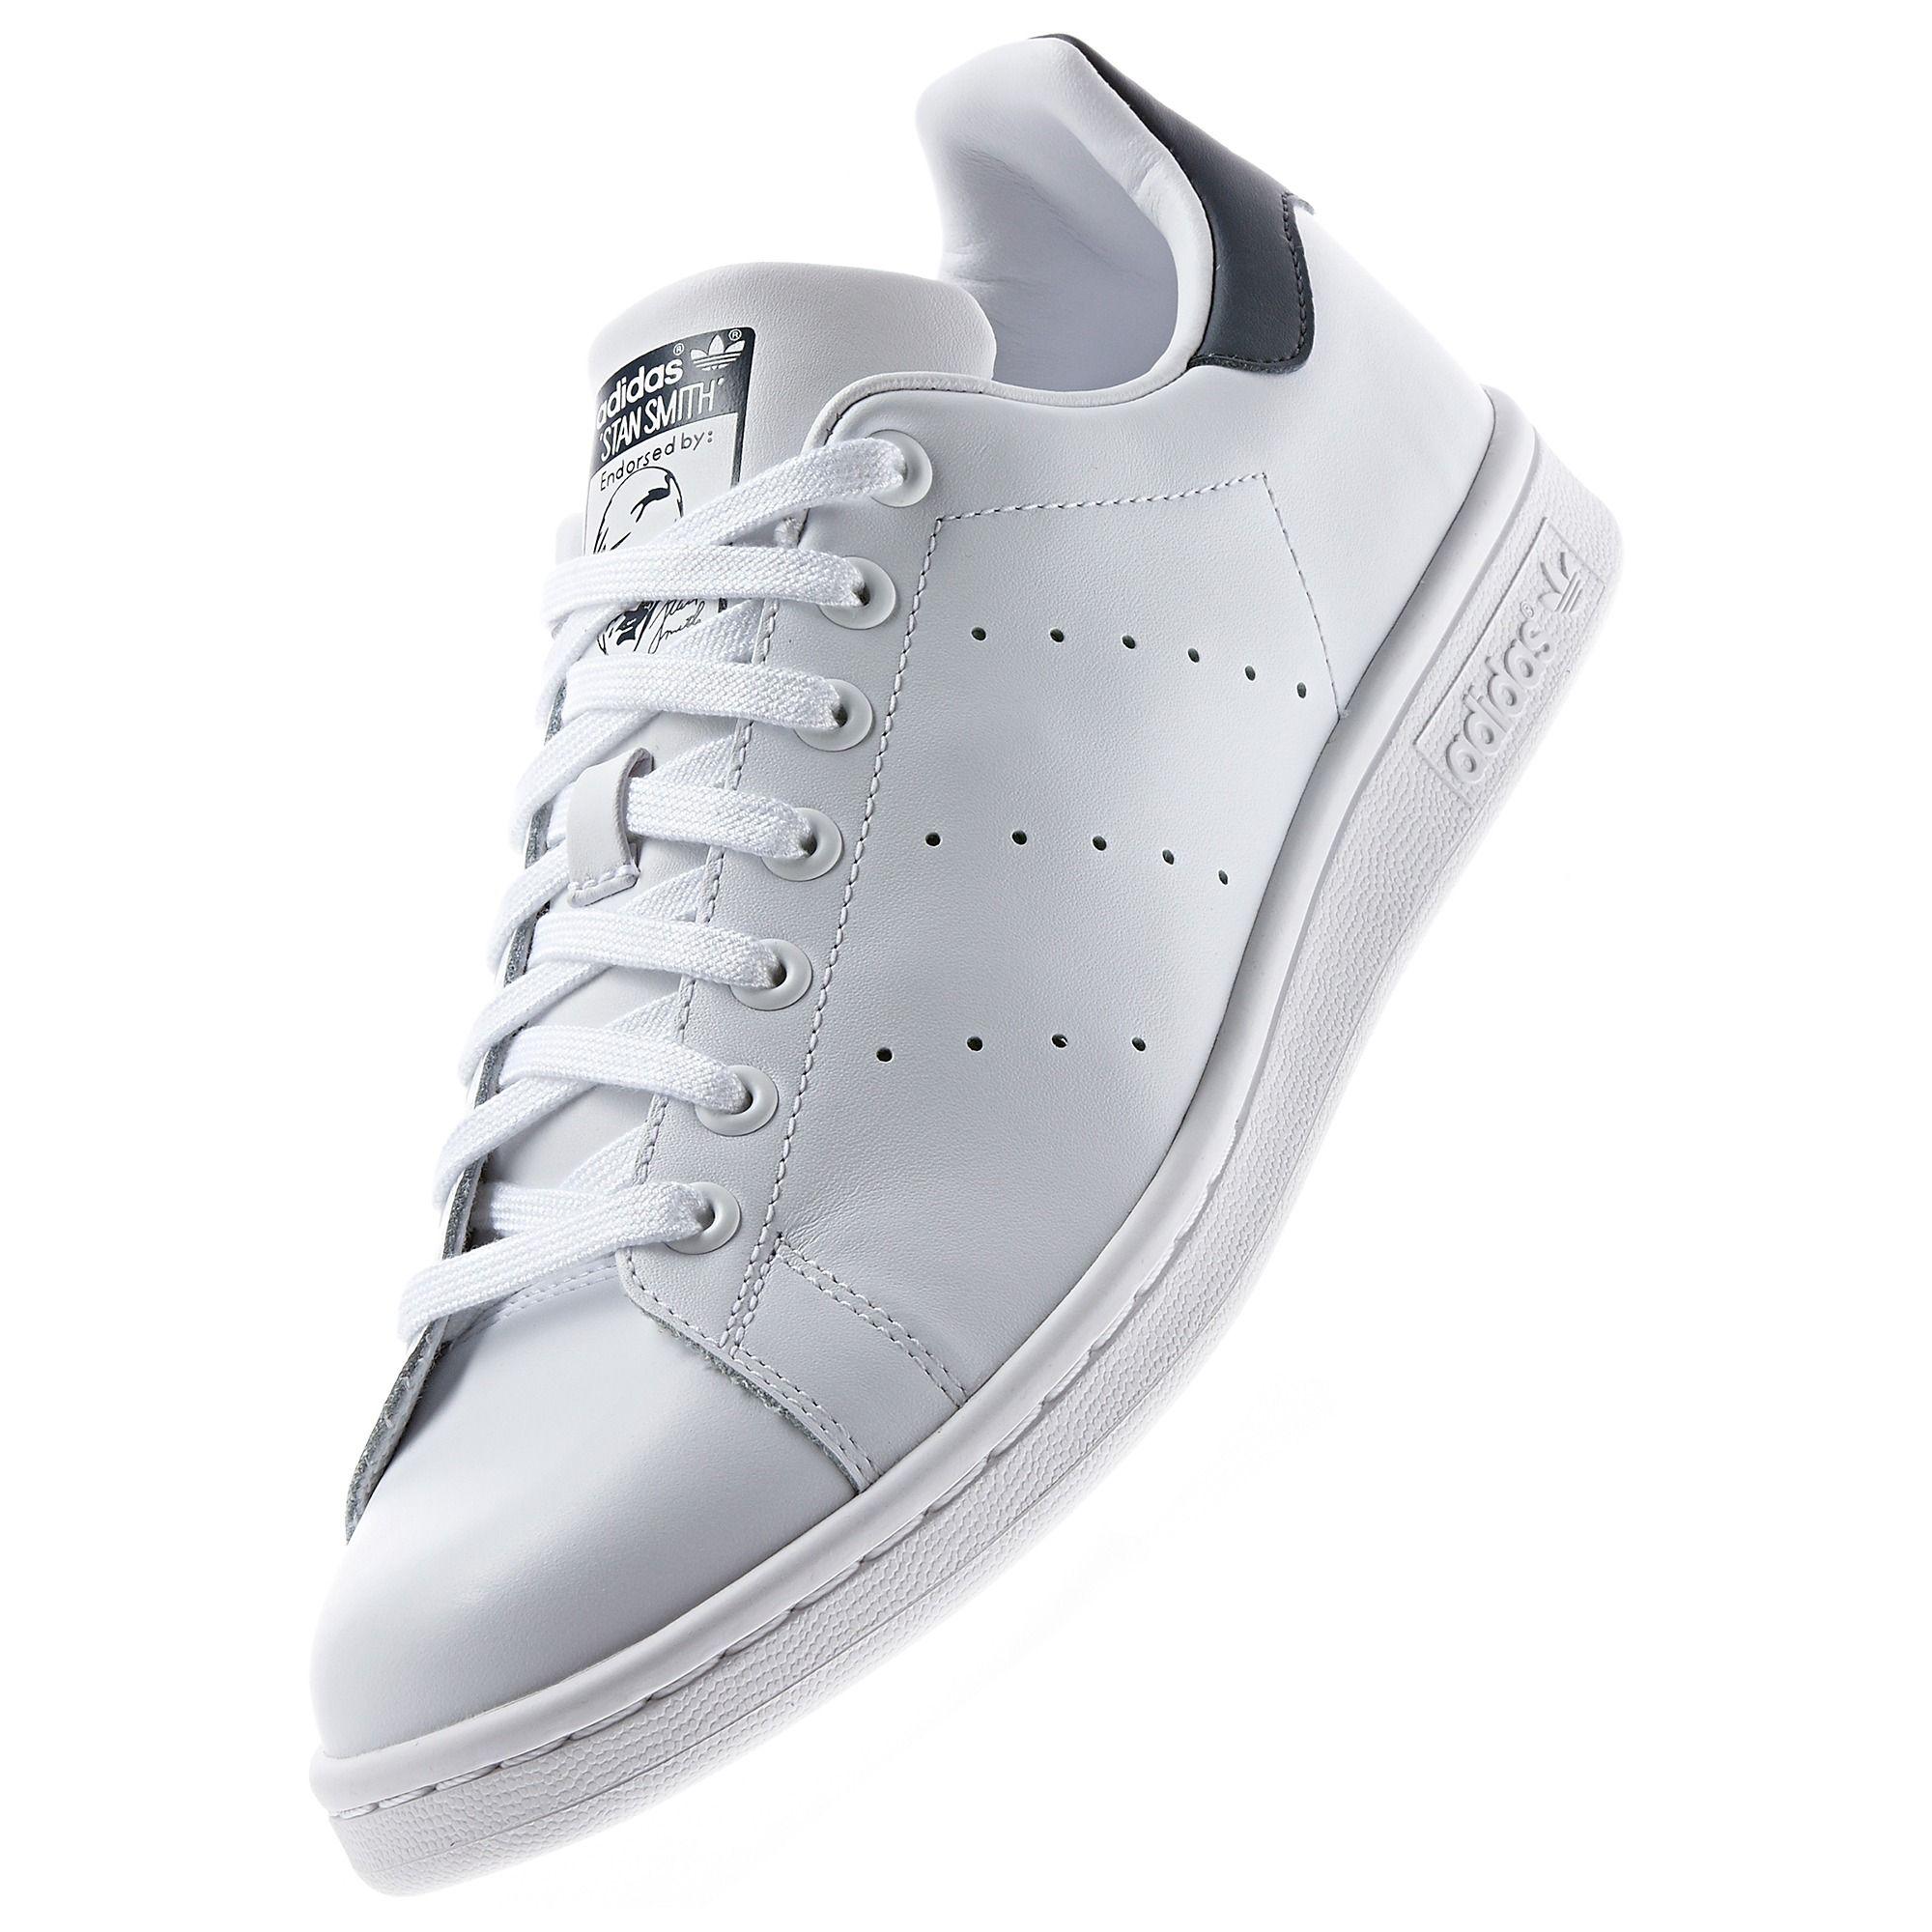 c45eba19af adidas Stan Smith Shoes | adidas US